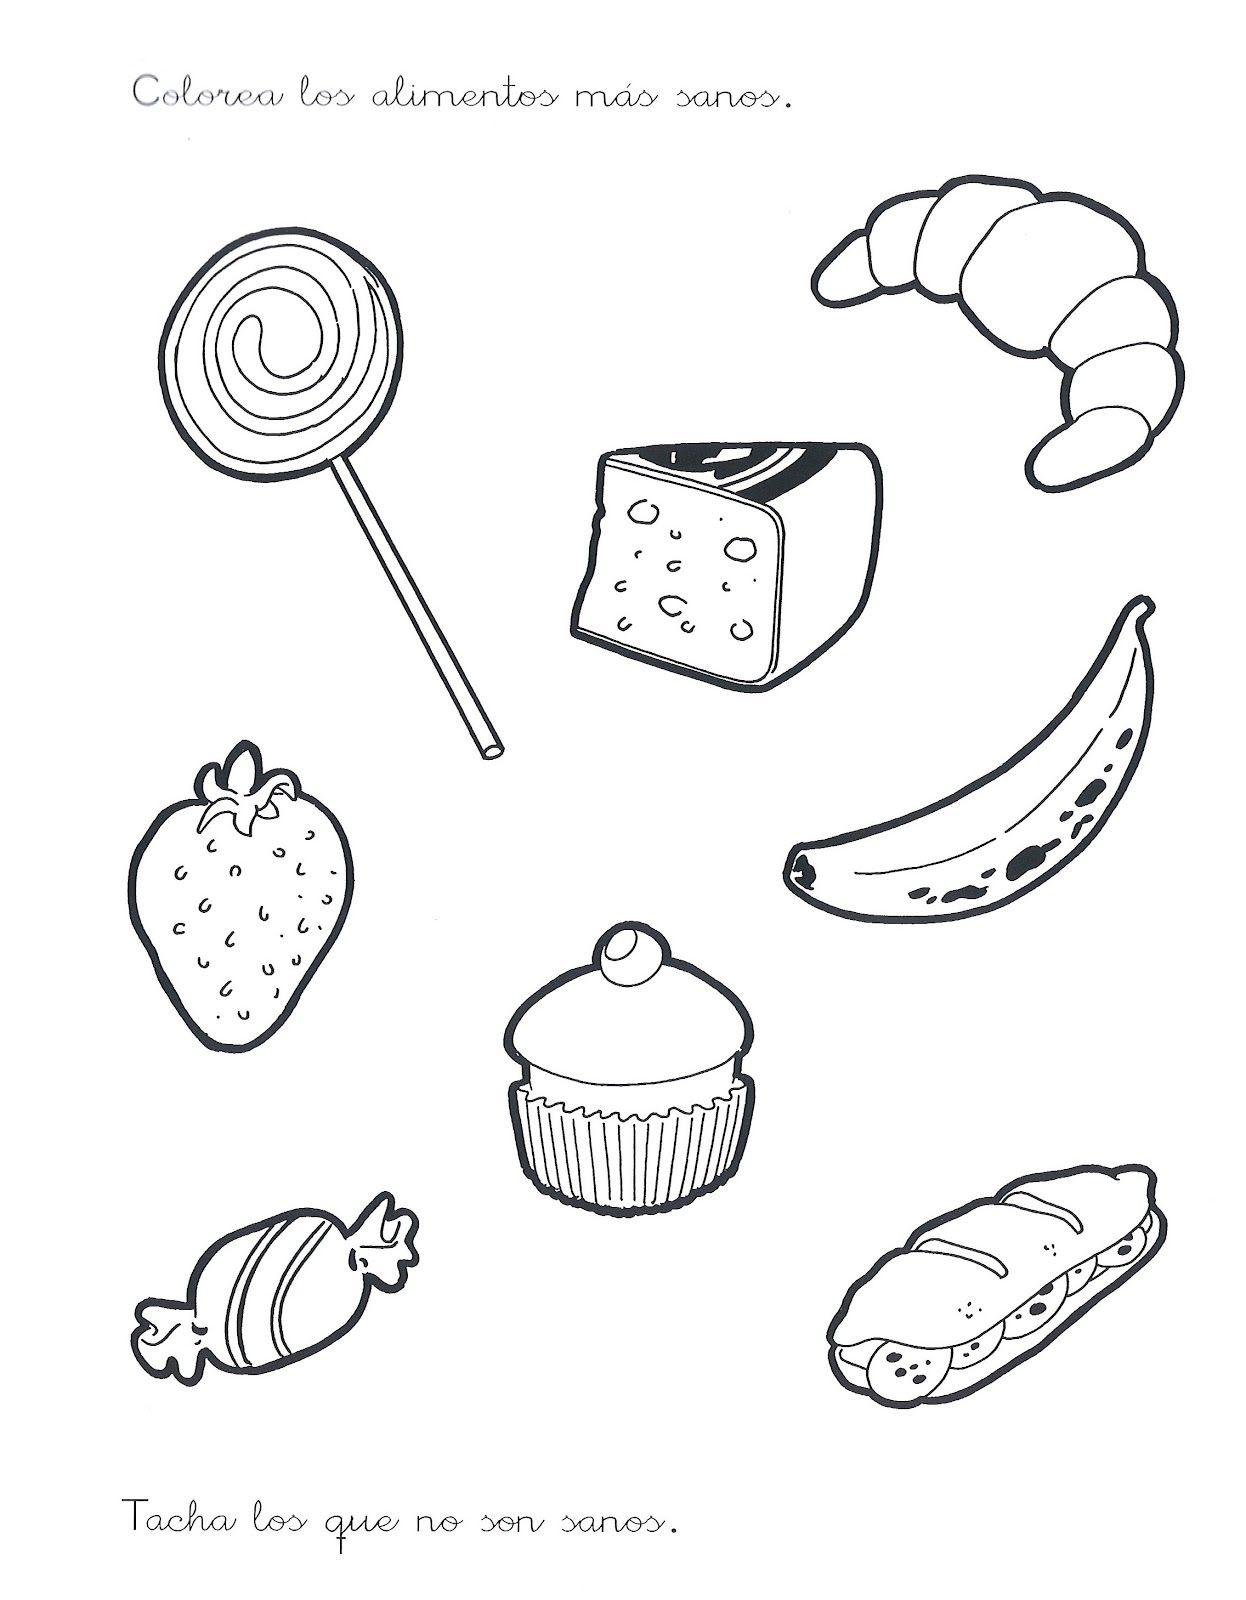 Imagenes de comida saludable y chatarra para colorear - Imagui ...